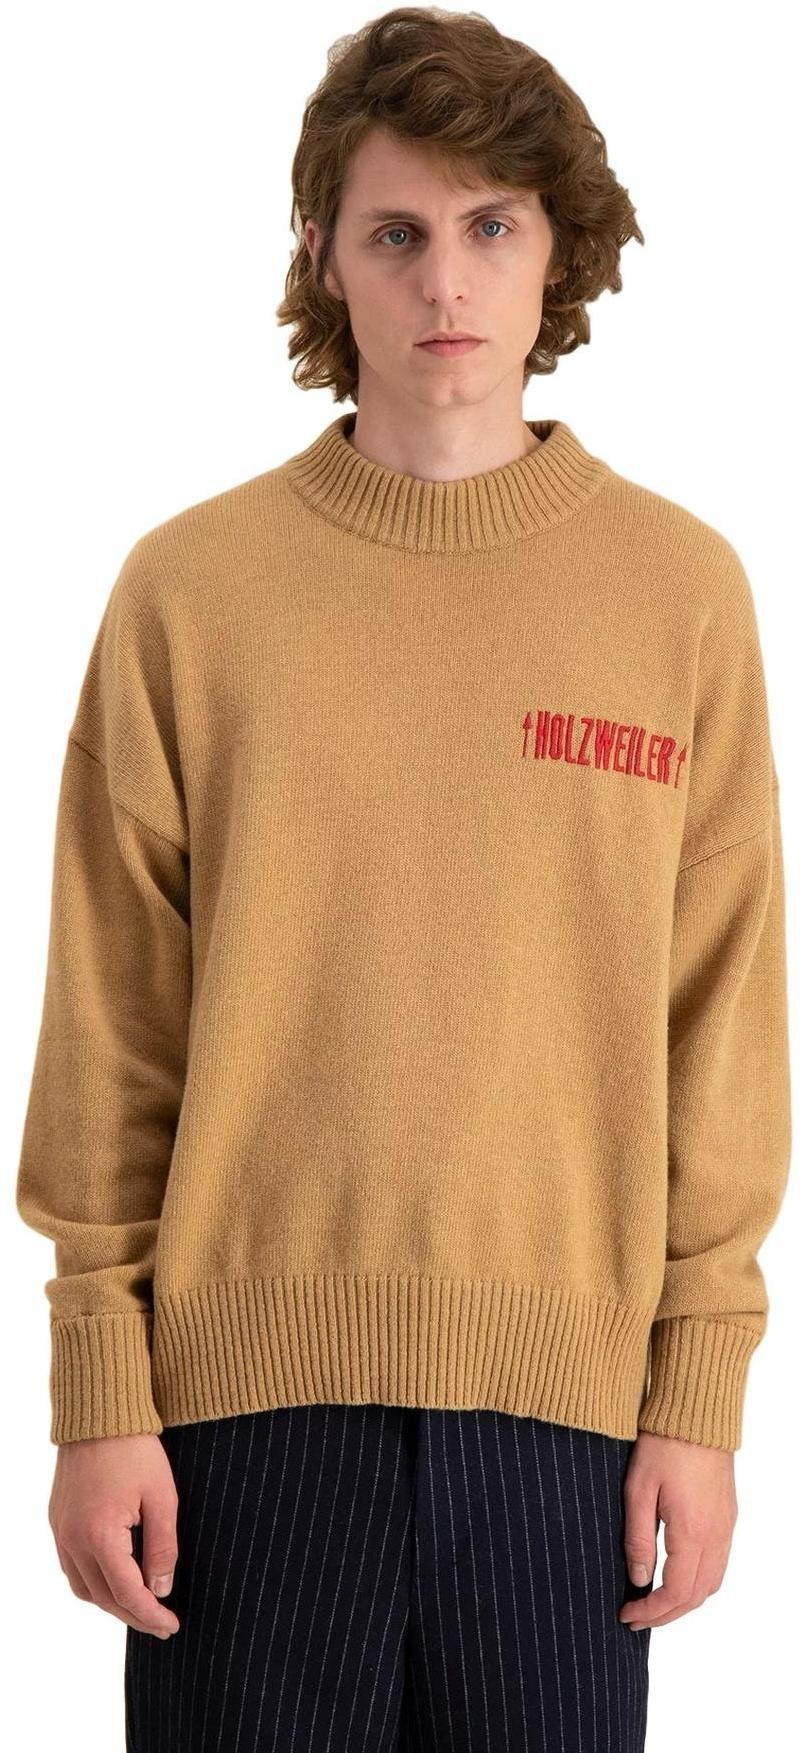 Best pris på Holzweiler Fragile Se priser før kjøp i